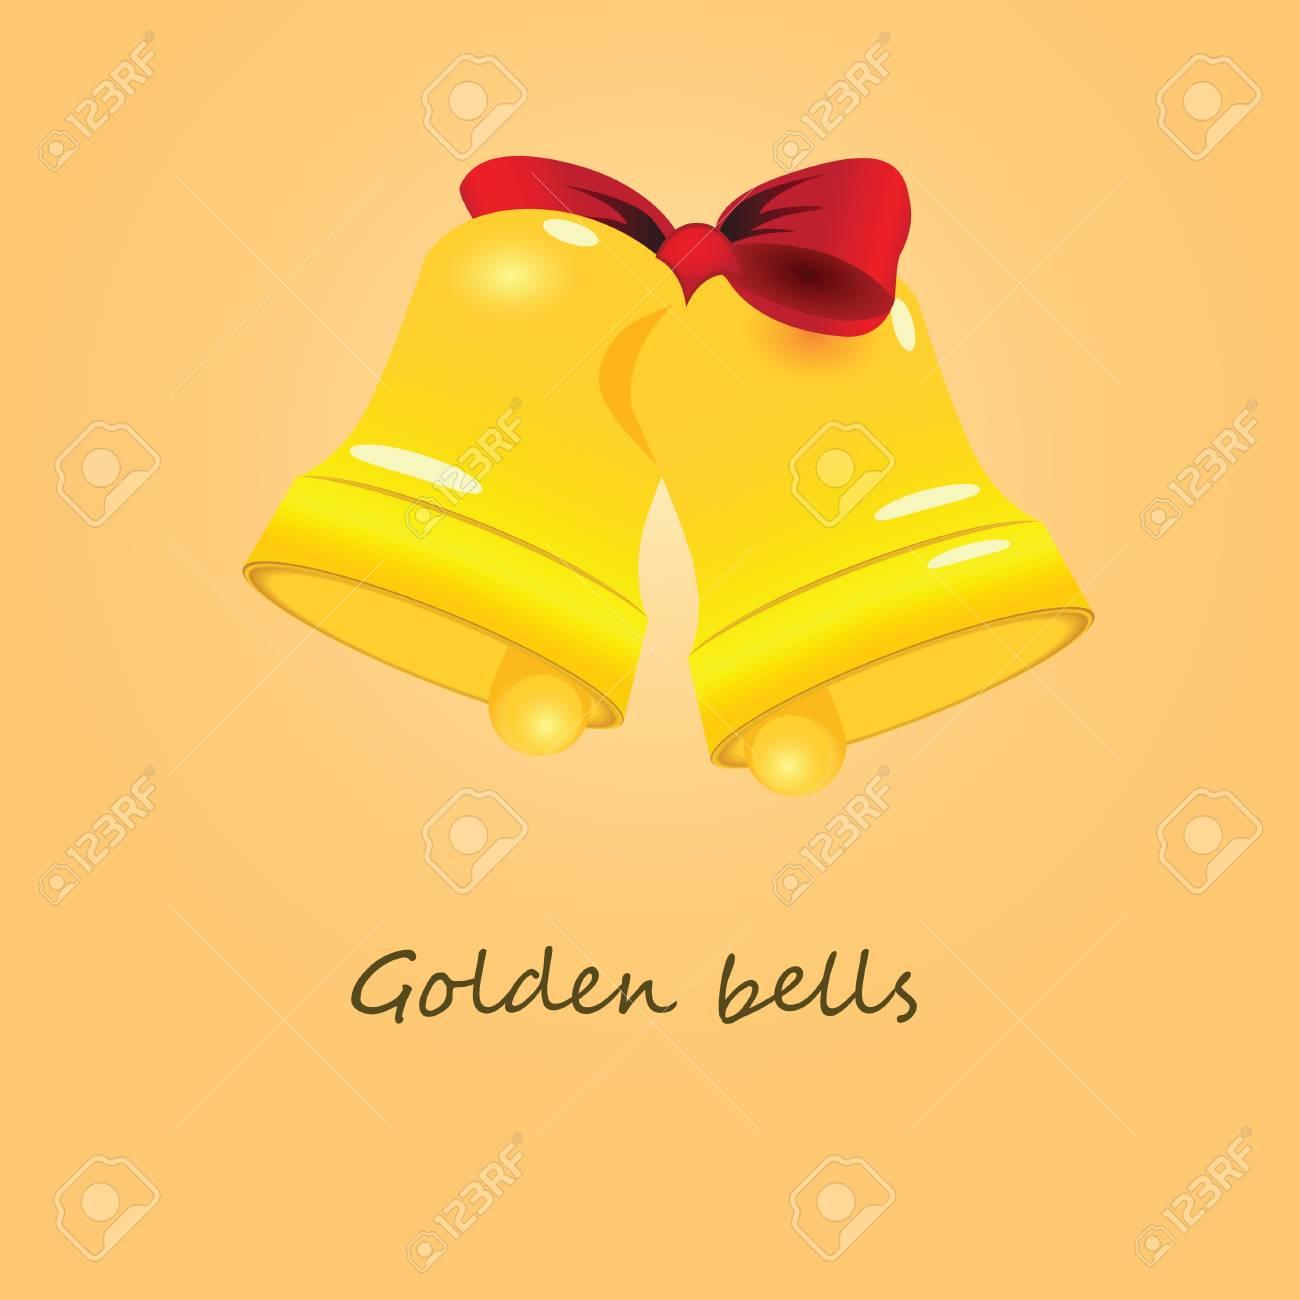 Festive golden bells related ribbons.  illustration. Stock Vector - 16428116